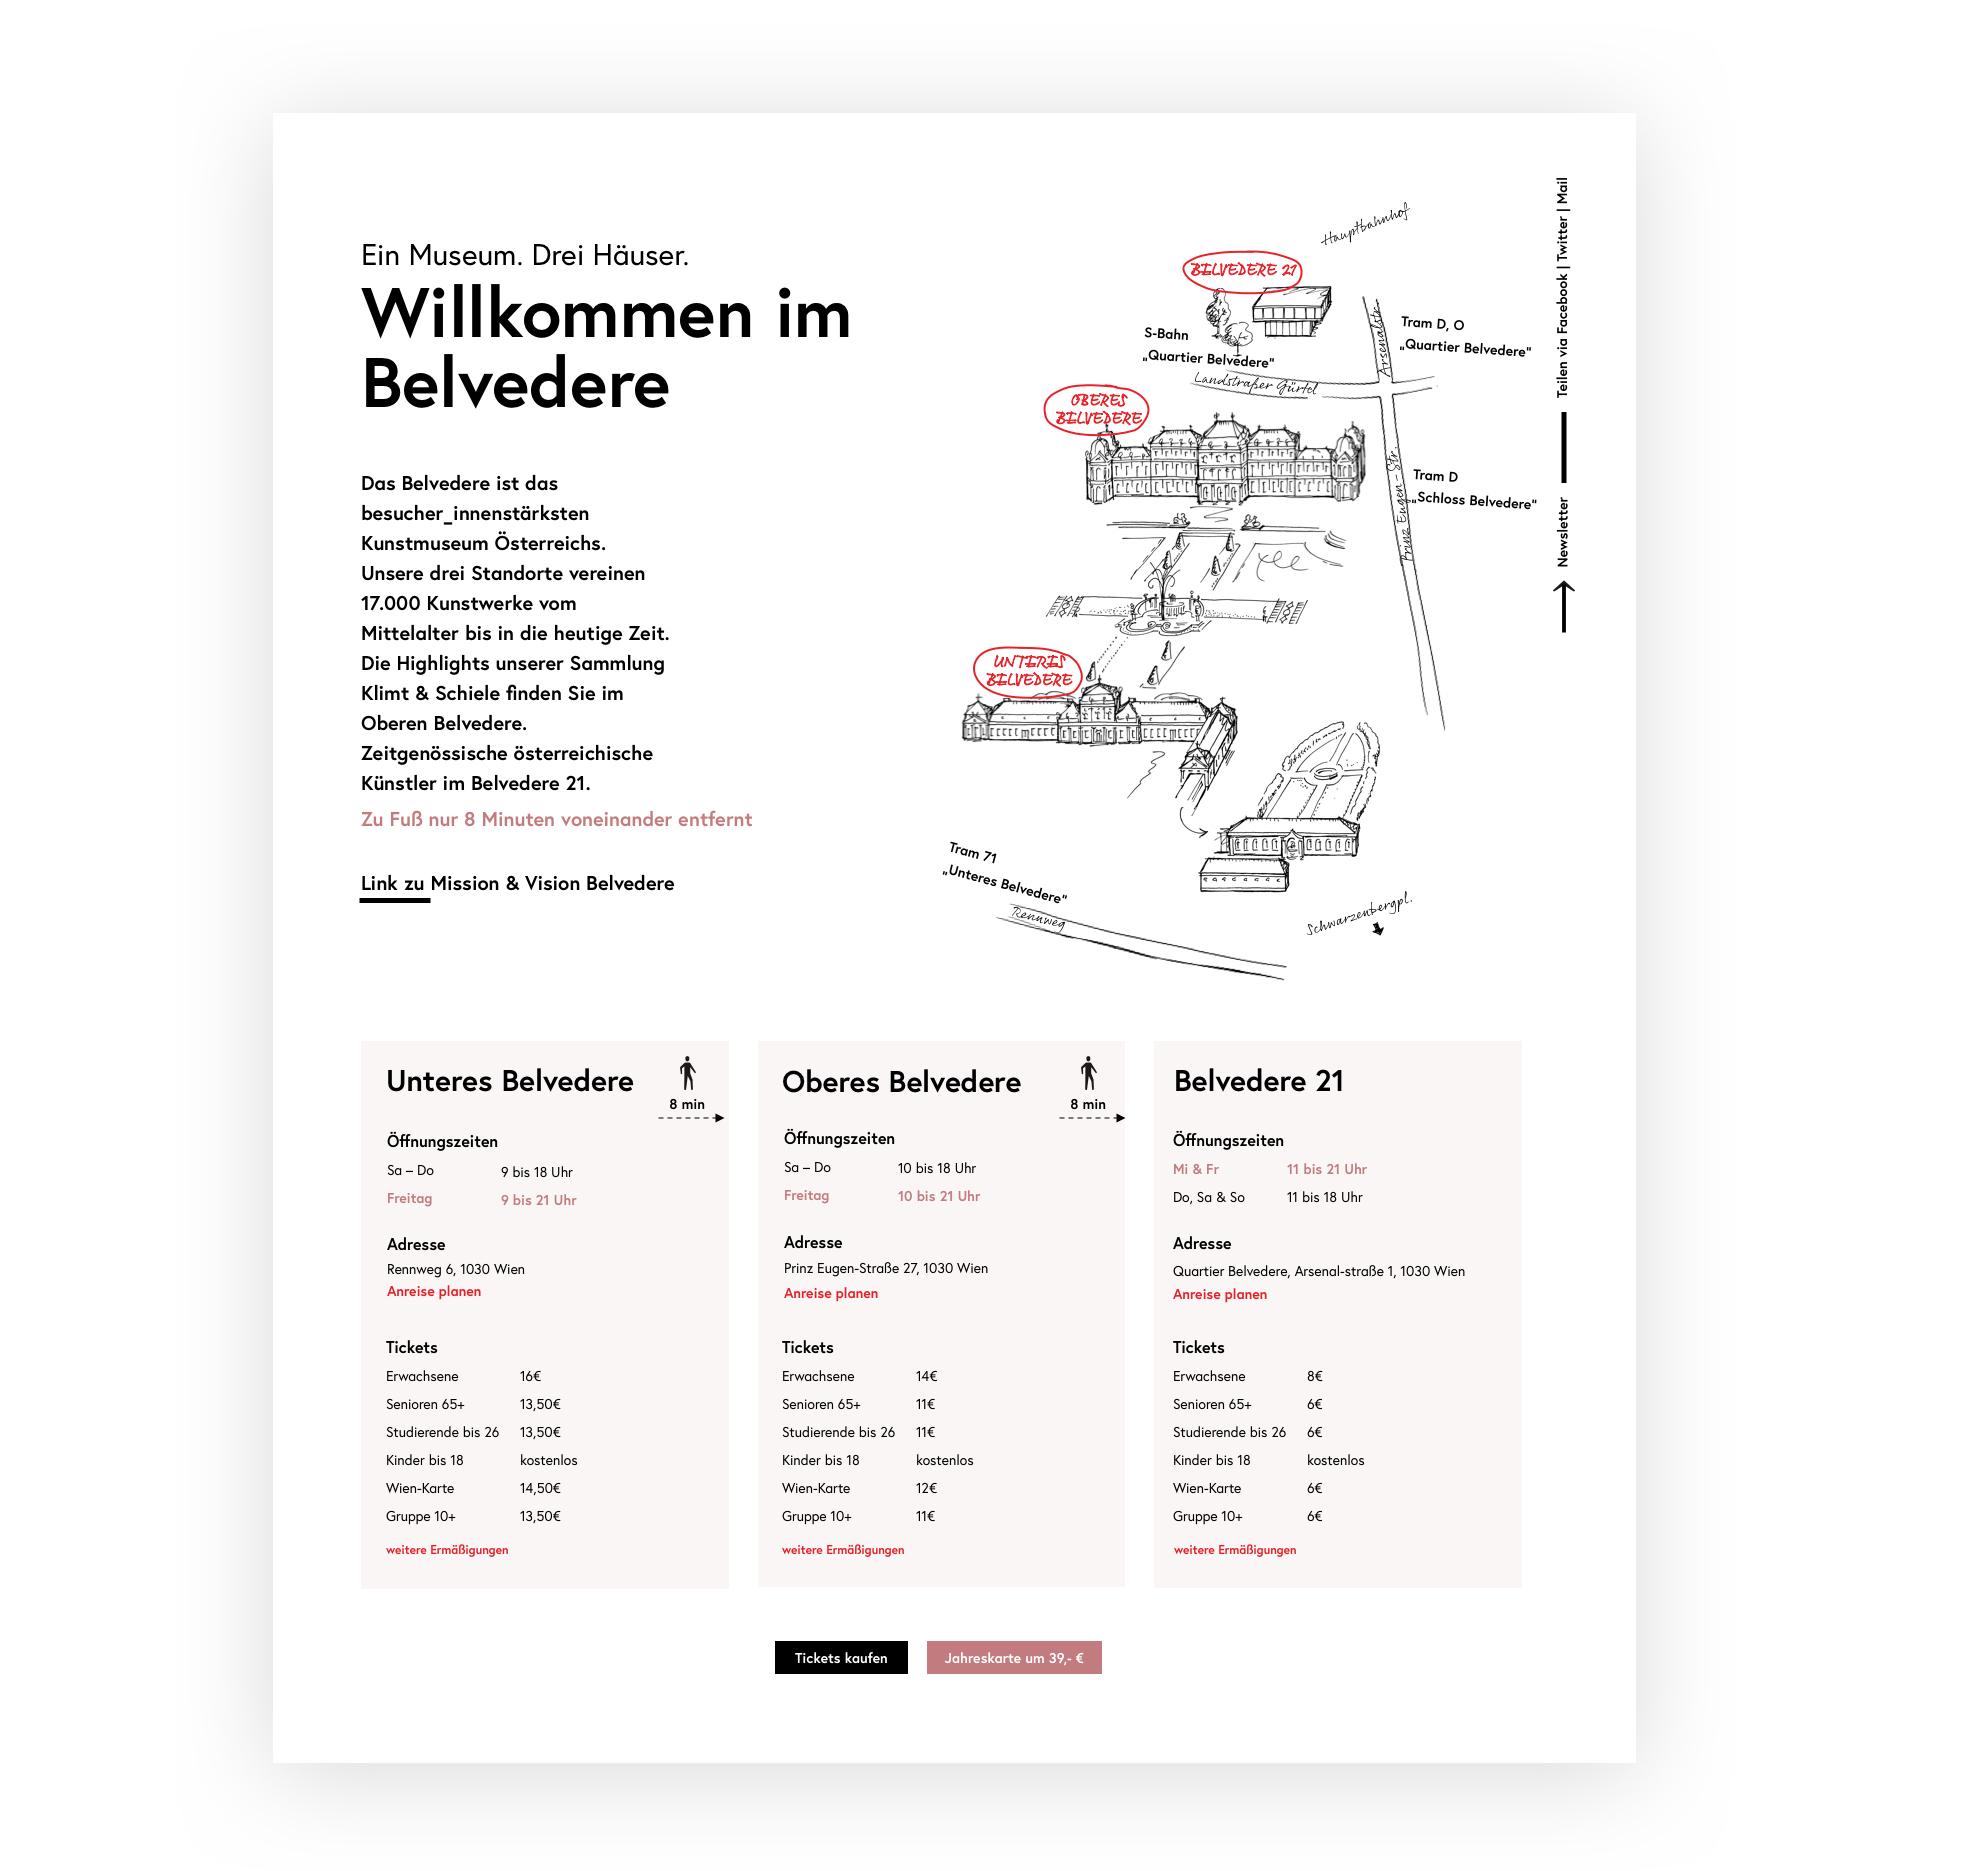 Ein Screenshot der Website mit Einleitungstext und Illustration der drei Häuser. Darunter sind drei Blöcke mit Öffnungszeiten, Adressen und Eintrittspreisen der einzelnen Häuser zu sehen.